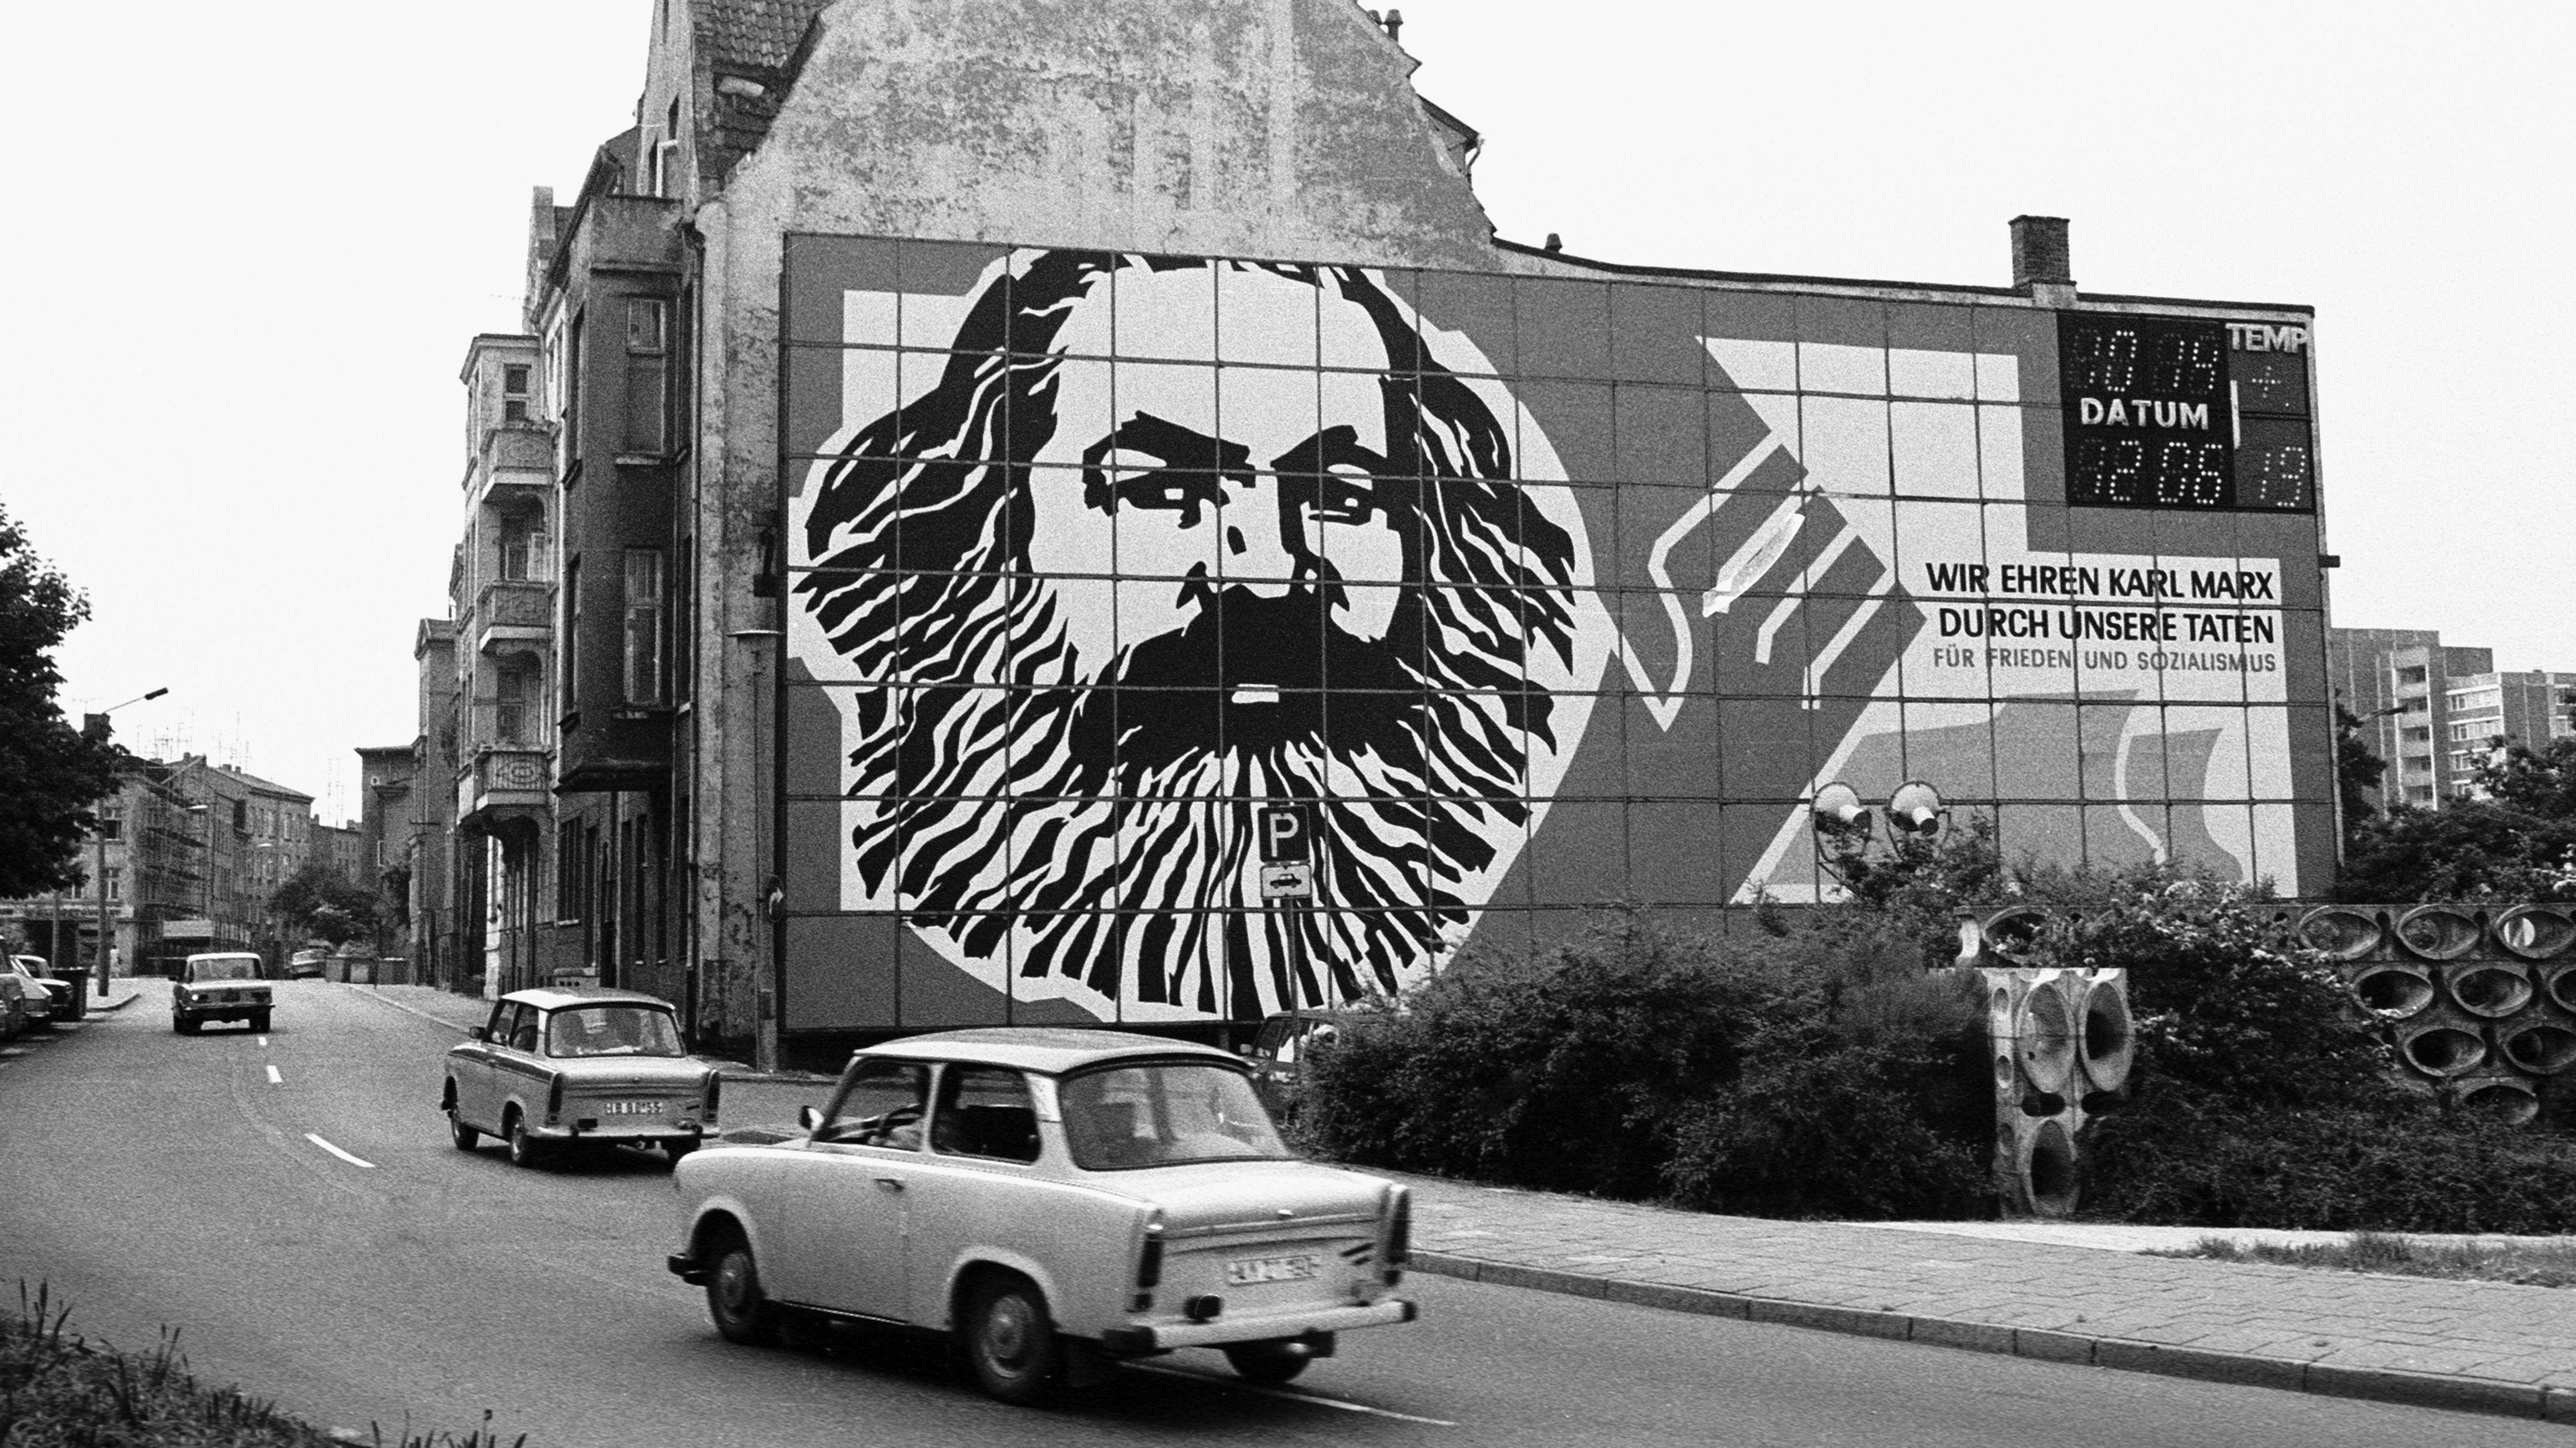 Wie der Käfer für das Wirtschaftswunder, steht der Trabbi für die unaufhaltsame Fortentwicklung des Sozialismus.